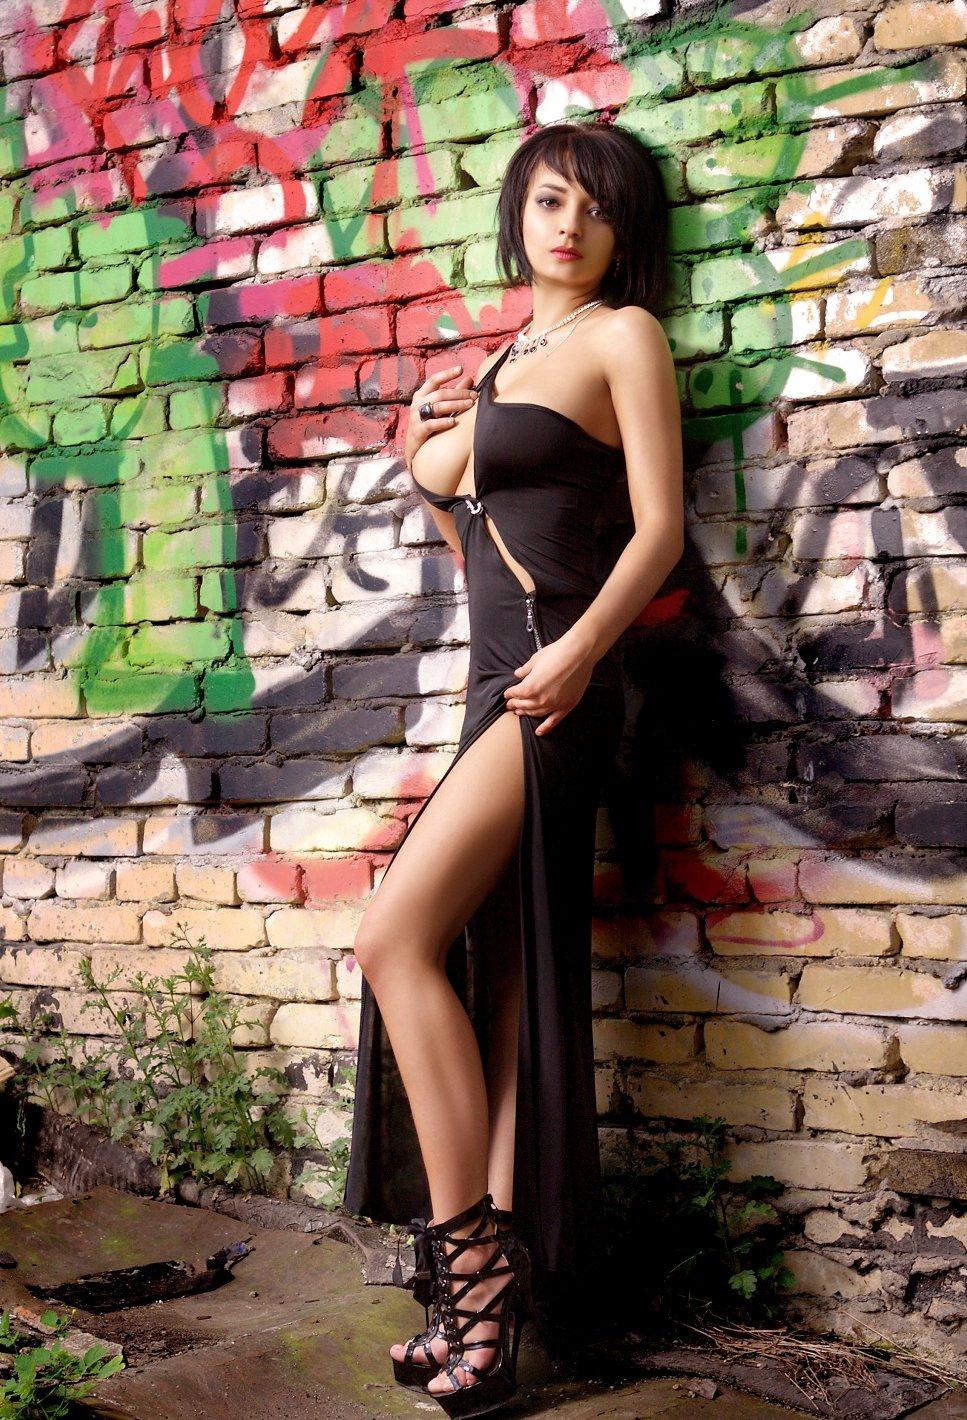 Каталог проституток тулы — 8